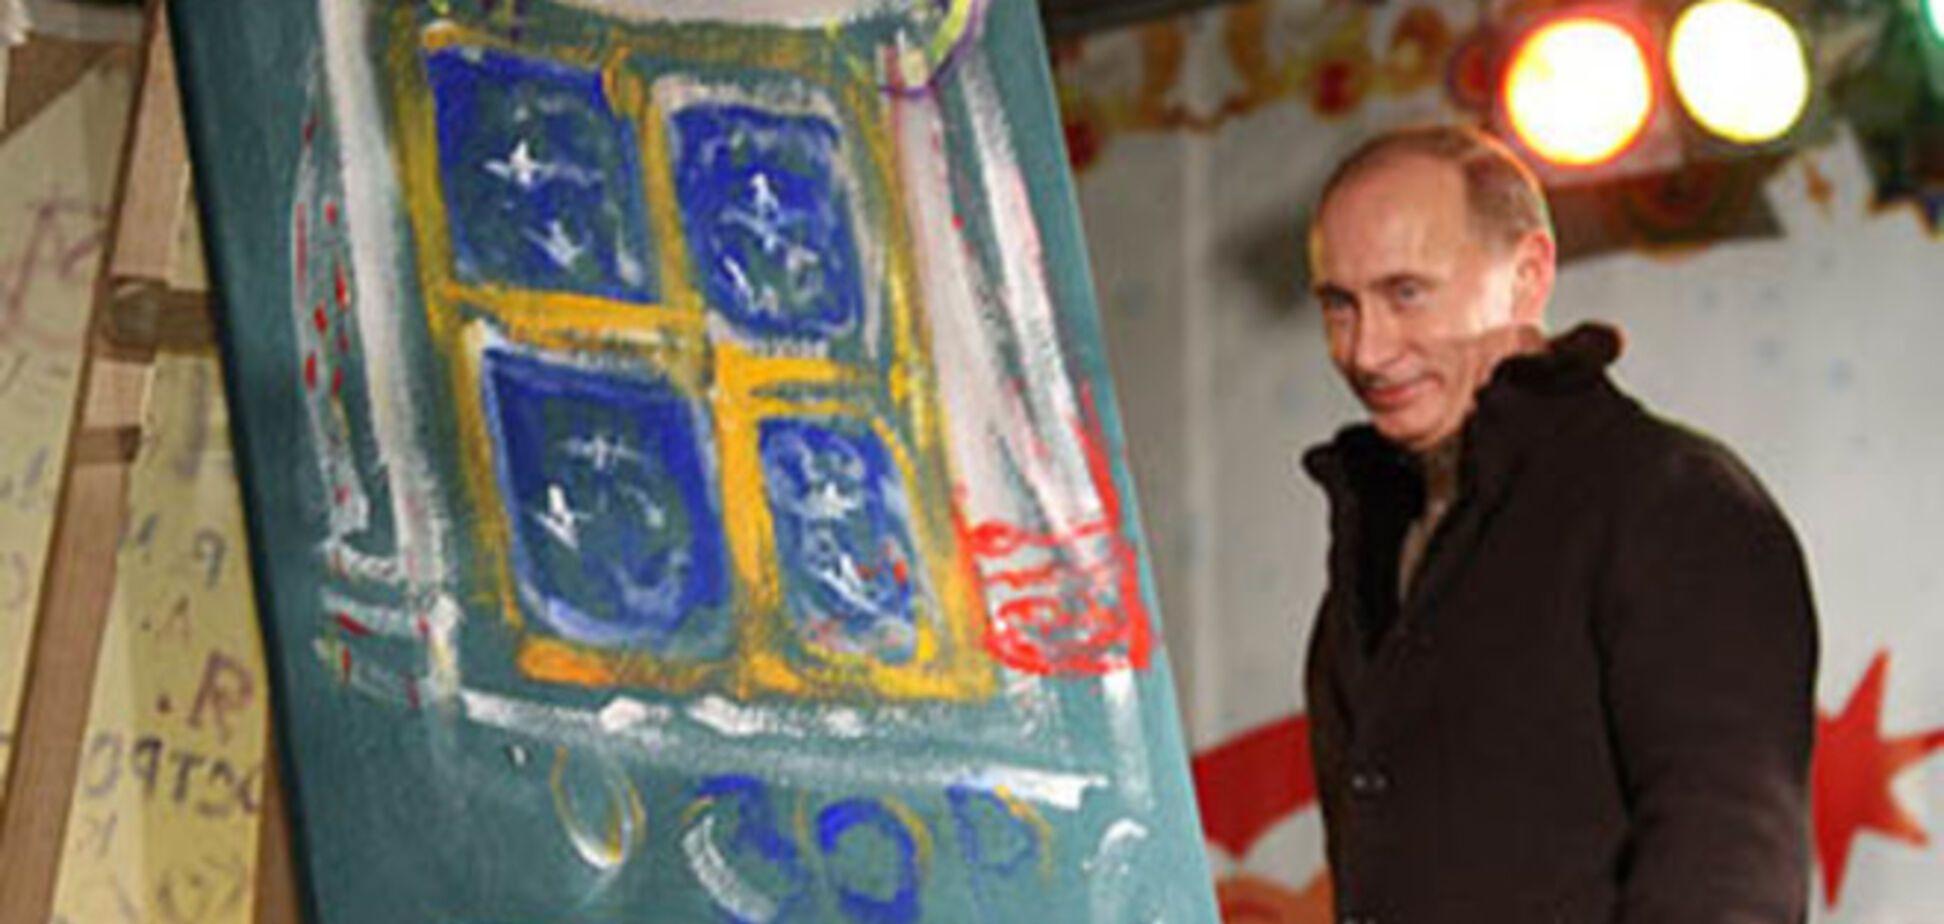 Психотерапевт рассказала, почему Путин нарисовал картину в сине-желтых тонах